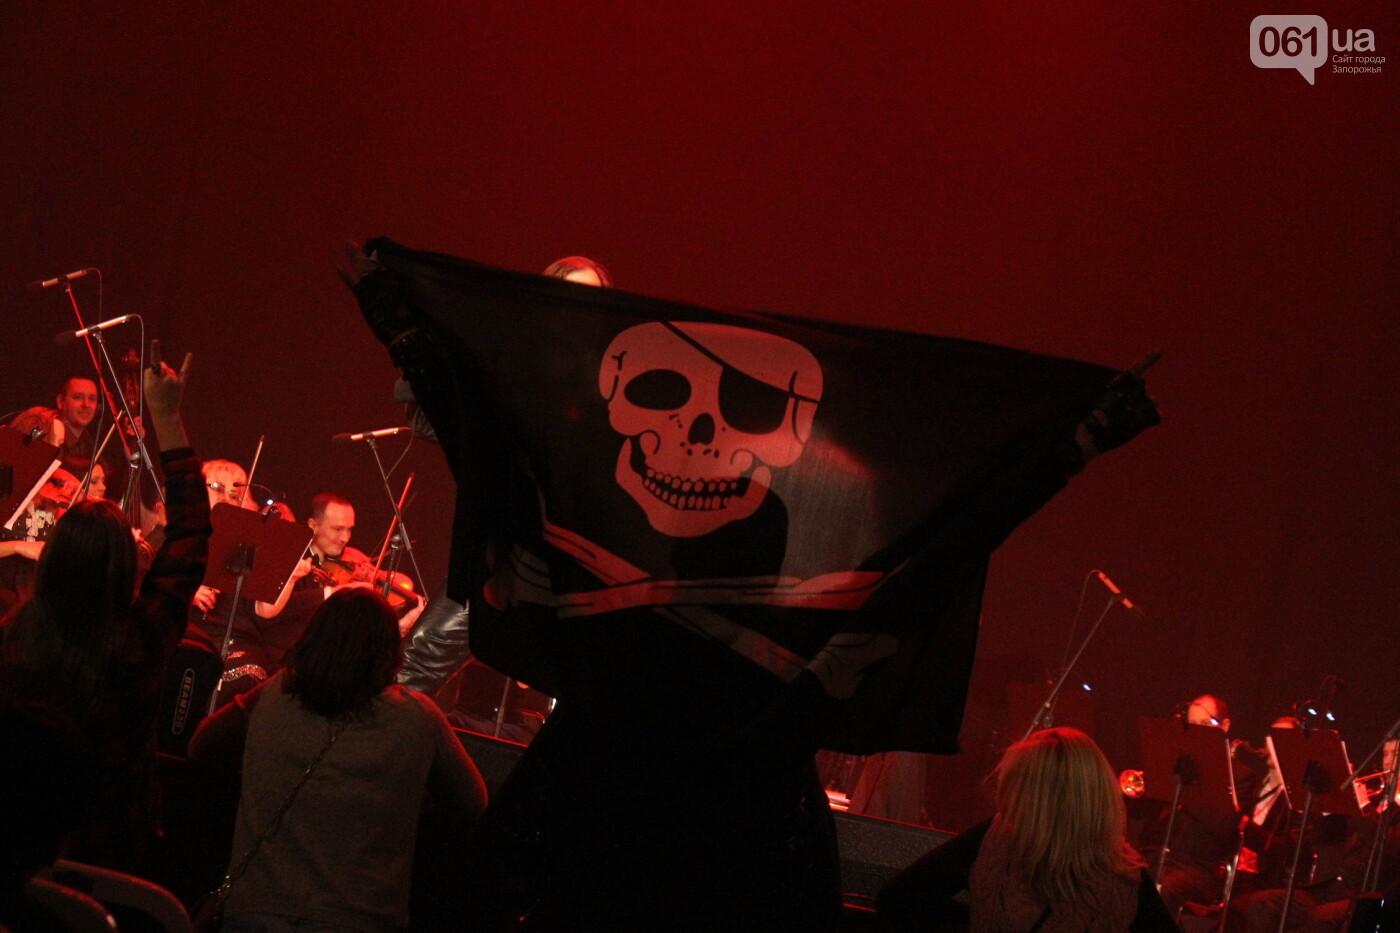 Тяжелый рок в симфоническом звучании: каким было Hard Rock Show в Запорожье, – ФОТОРЕПОРТАЖ, фото-11